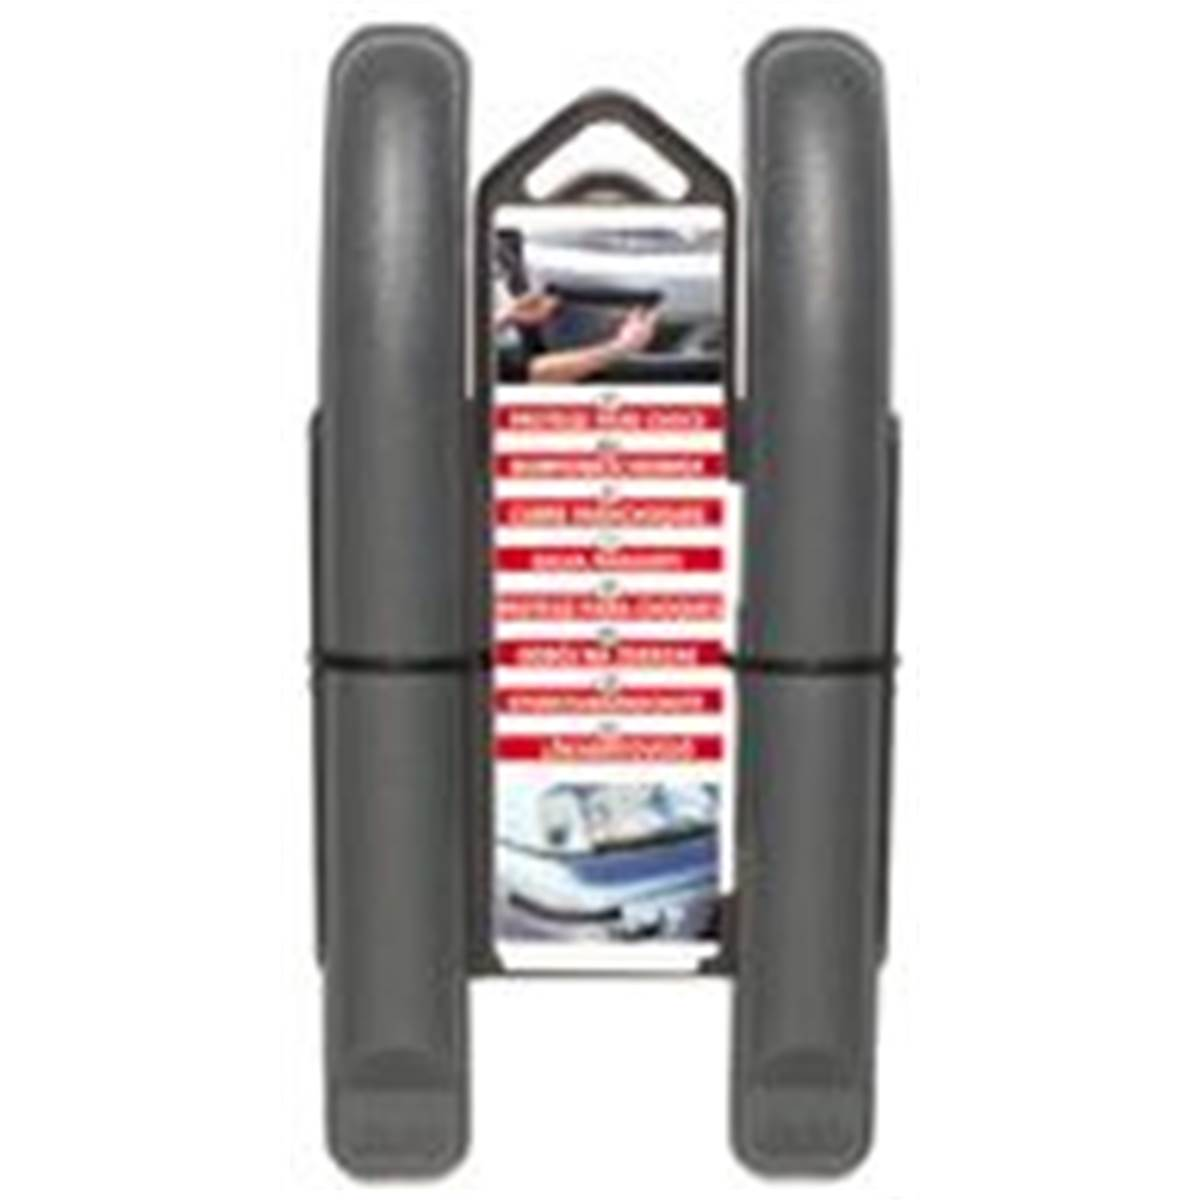 equipement protection achat vente de equipement pas cher. Black Bedroom Furniture Sets. Home Design Ideas